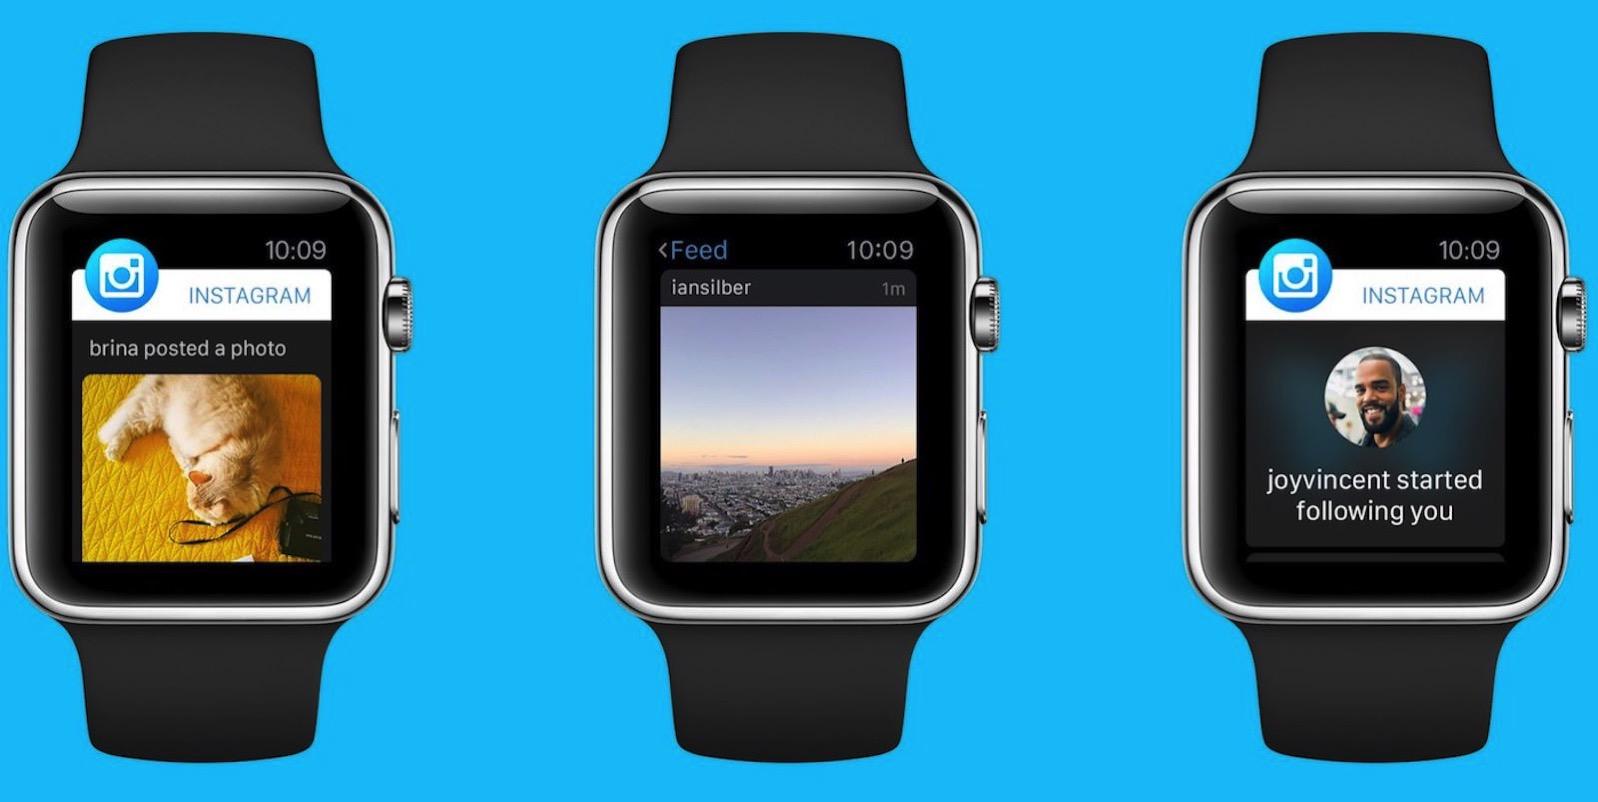 Apple-Watch-Application-Instagram.jpg